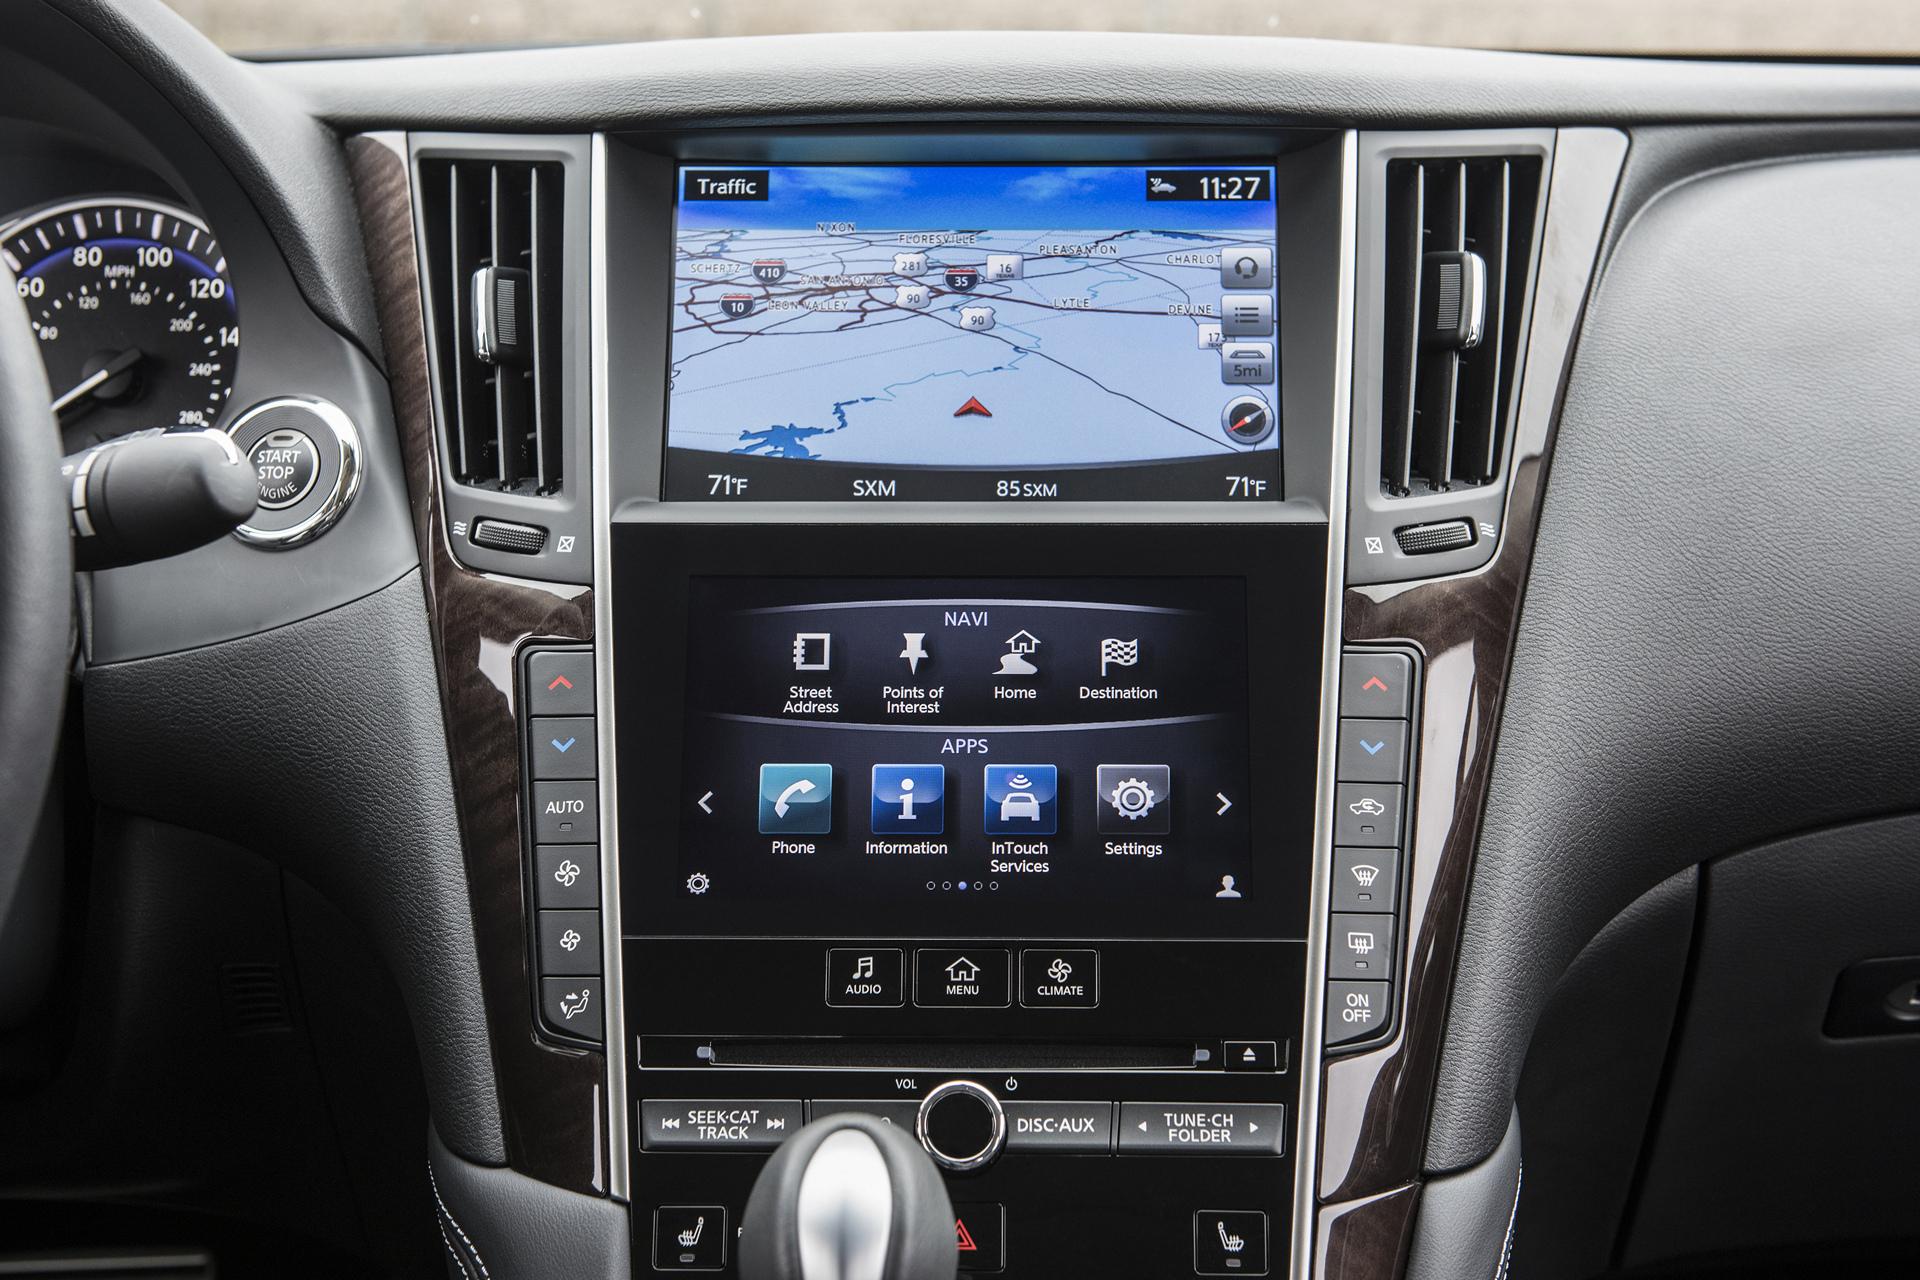 2016 Infiniti Q50 © Nissan Motor Co., Ltd.